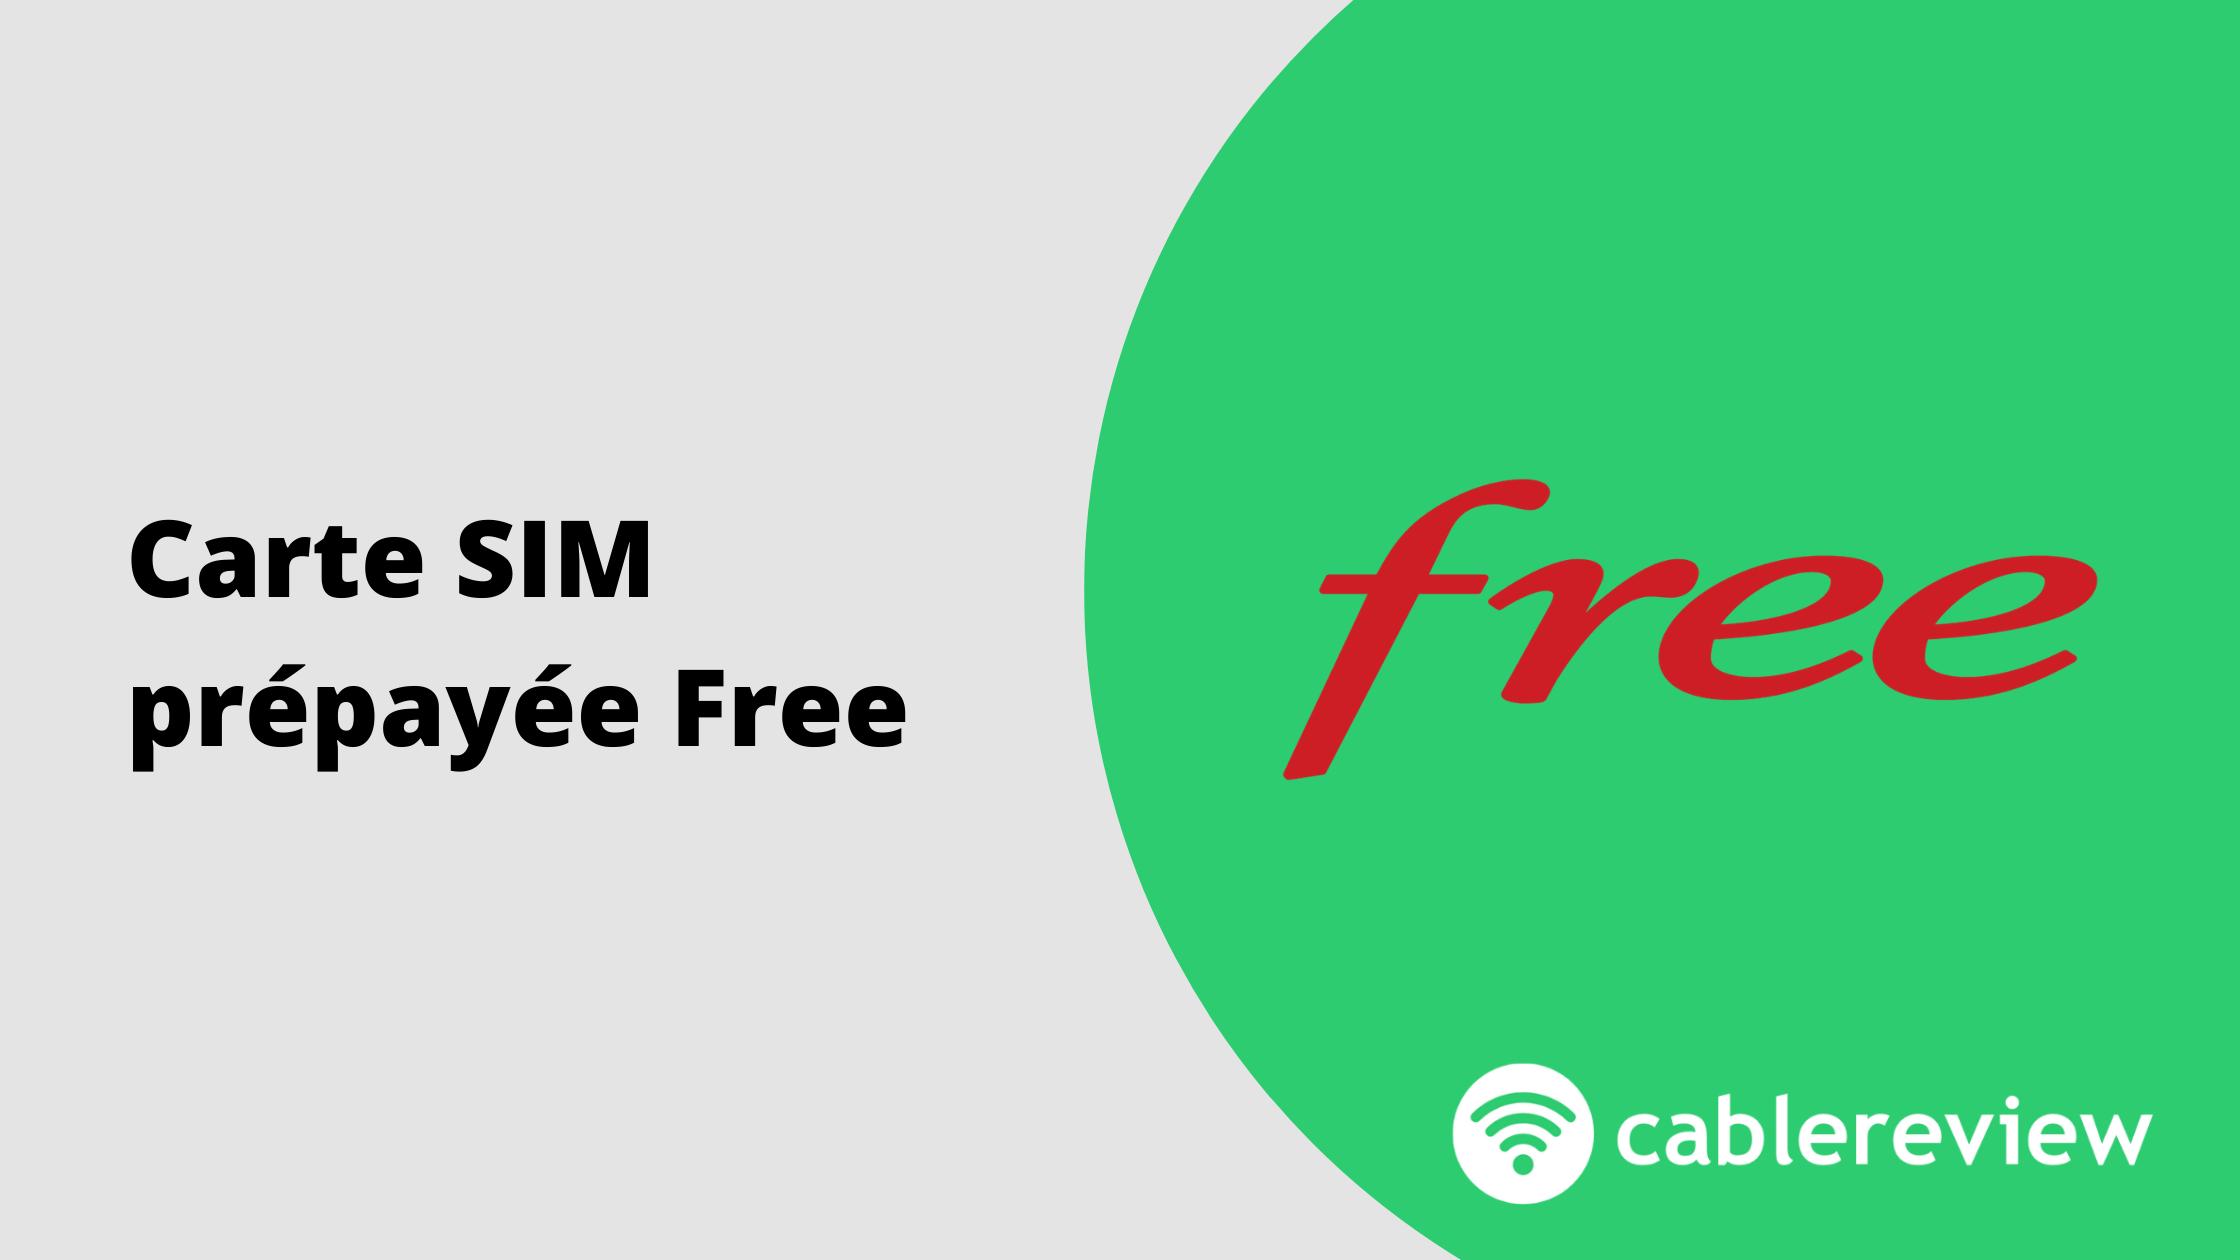 Carte SIM prépayée Free